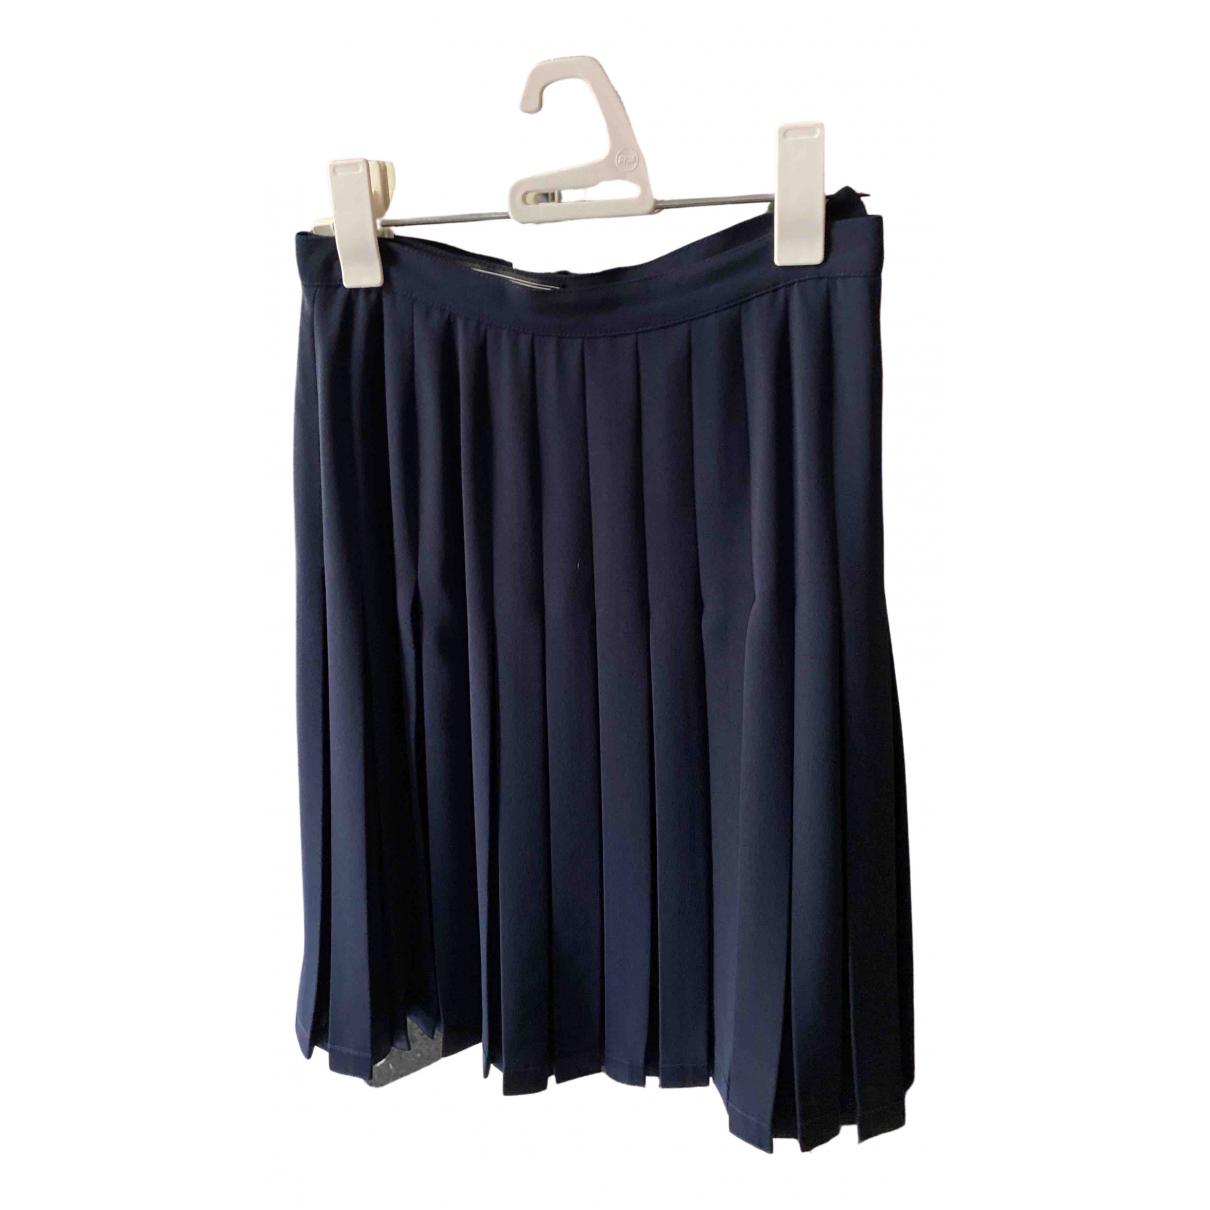 Max Mara N Blue Cotton skirt for Women 12 UK